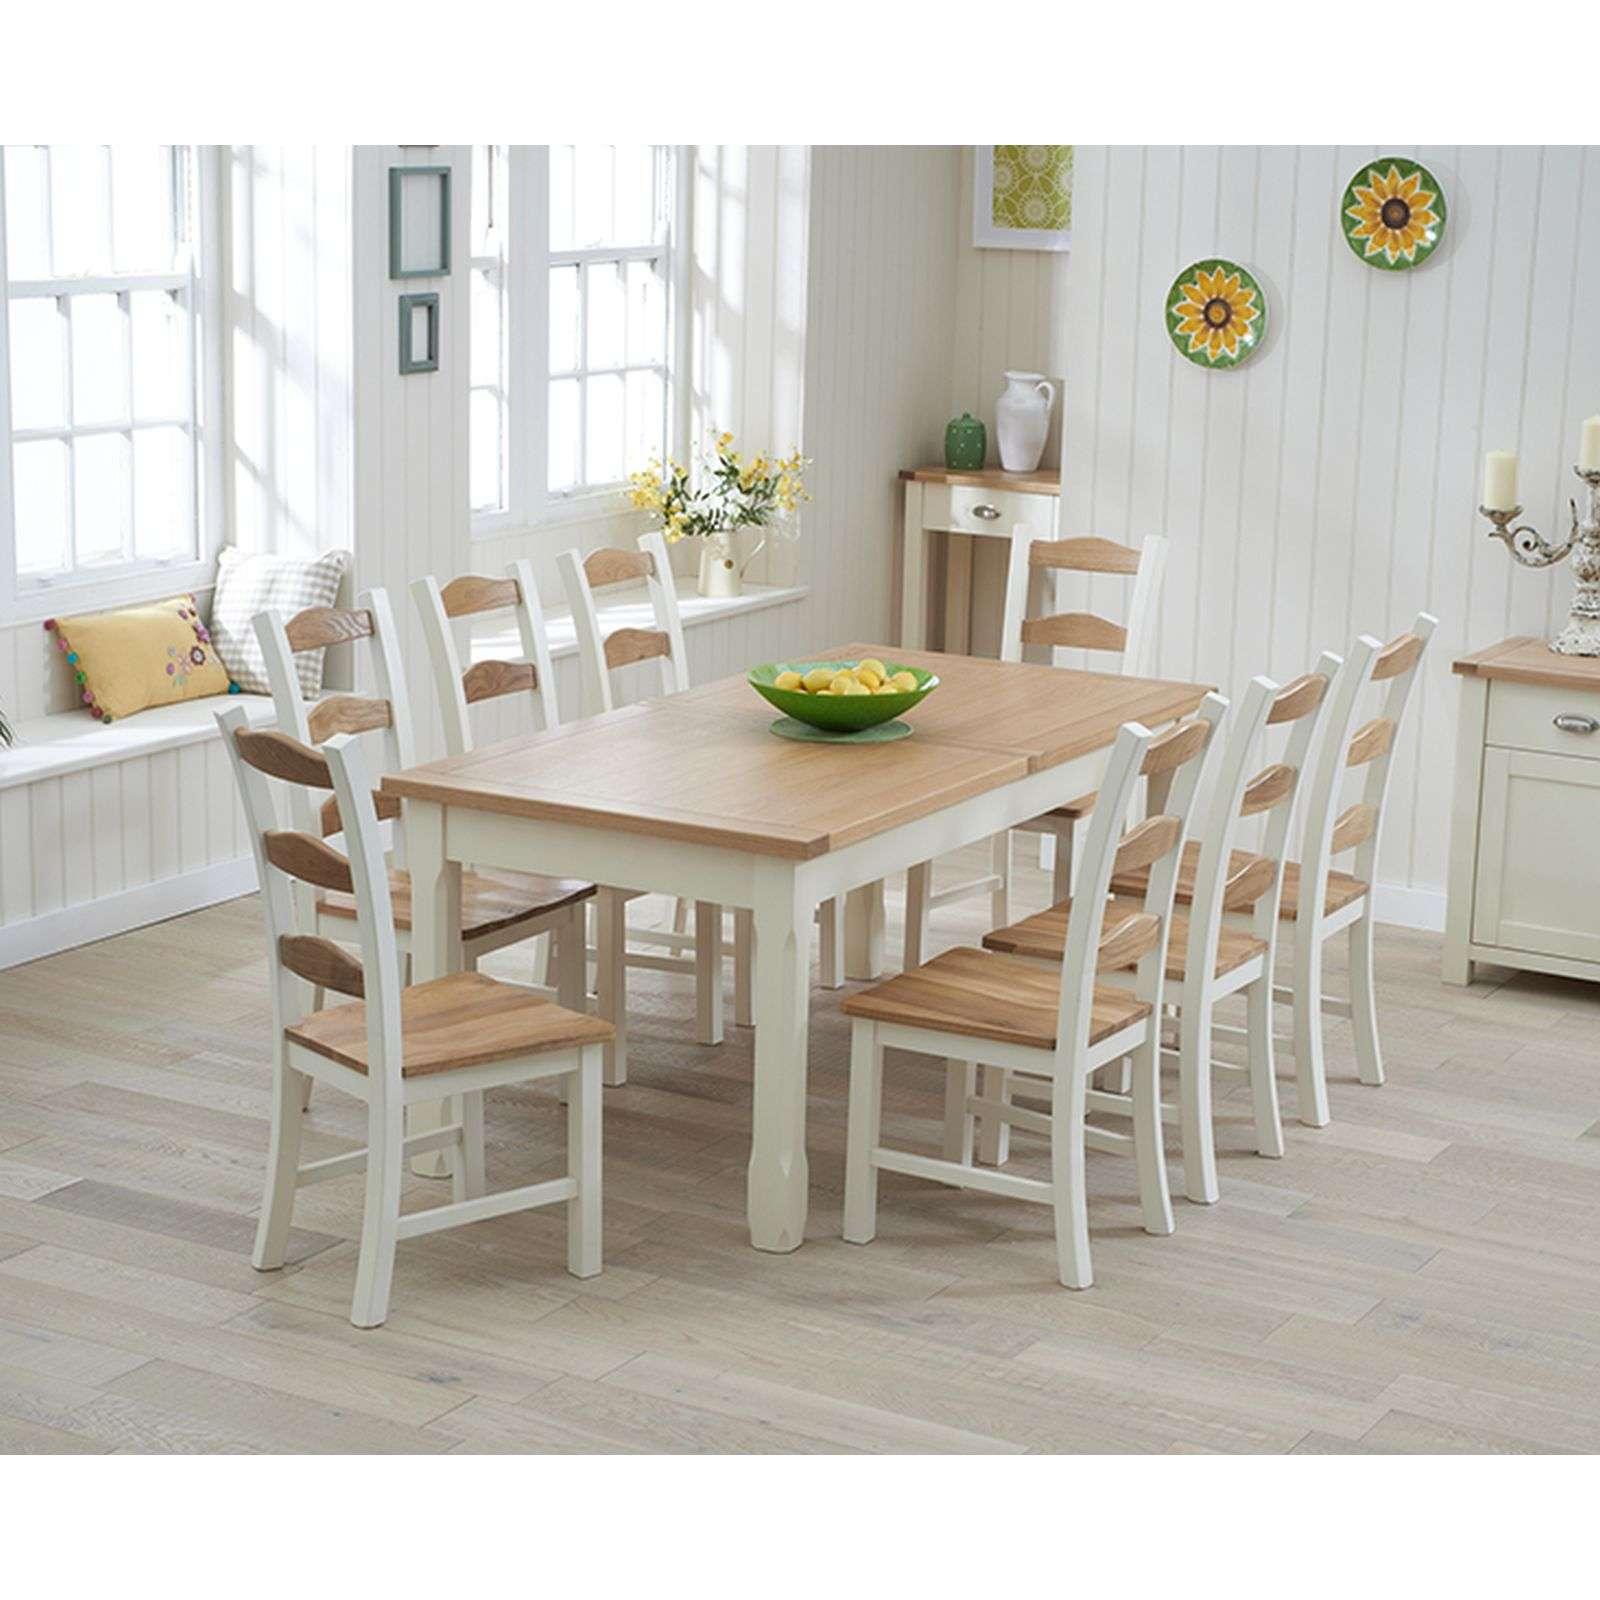 Fine Sandringham Cream Painted Extending Table 130 186Cm With 8 Chairs Inzonedesignstudio Interior Chair Design Inzonedesignstudiocom